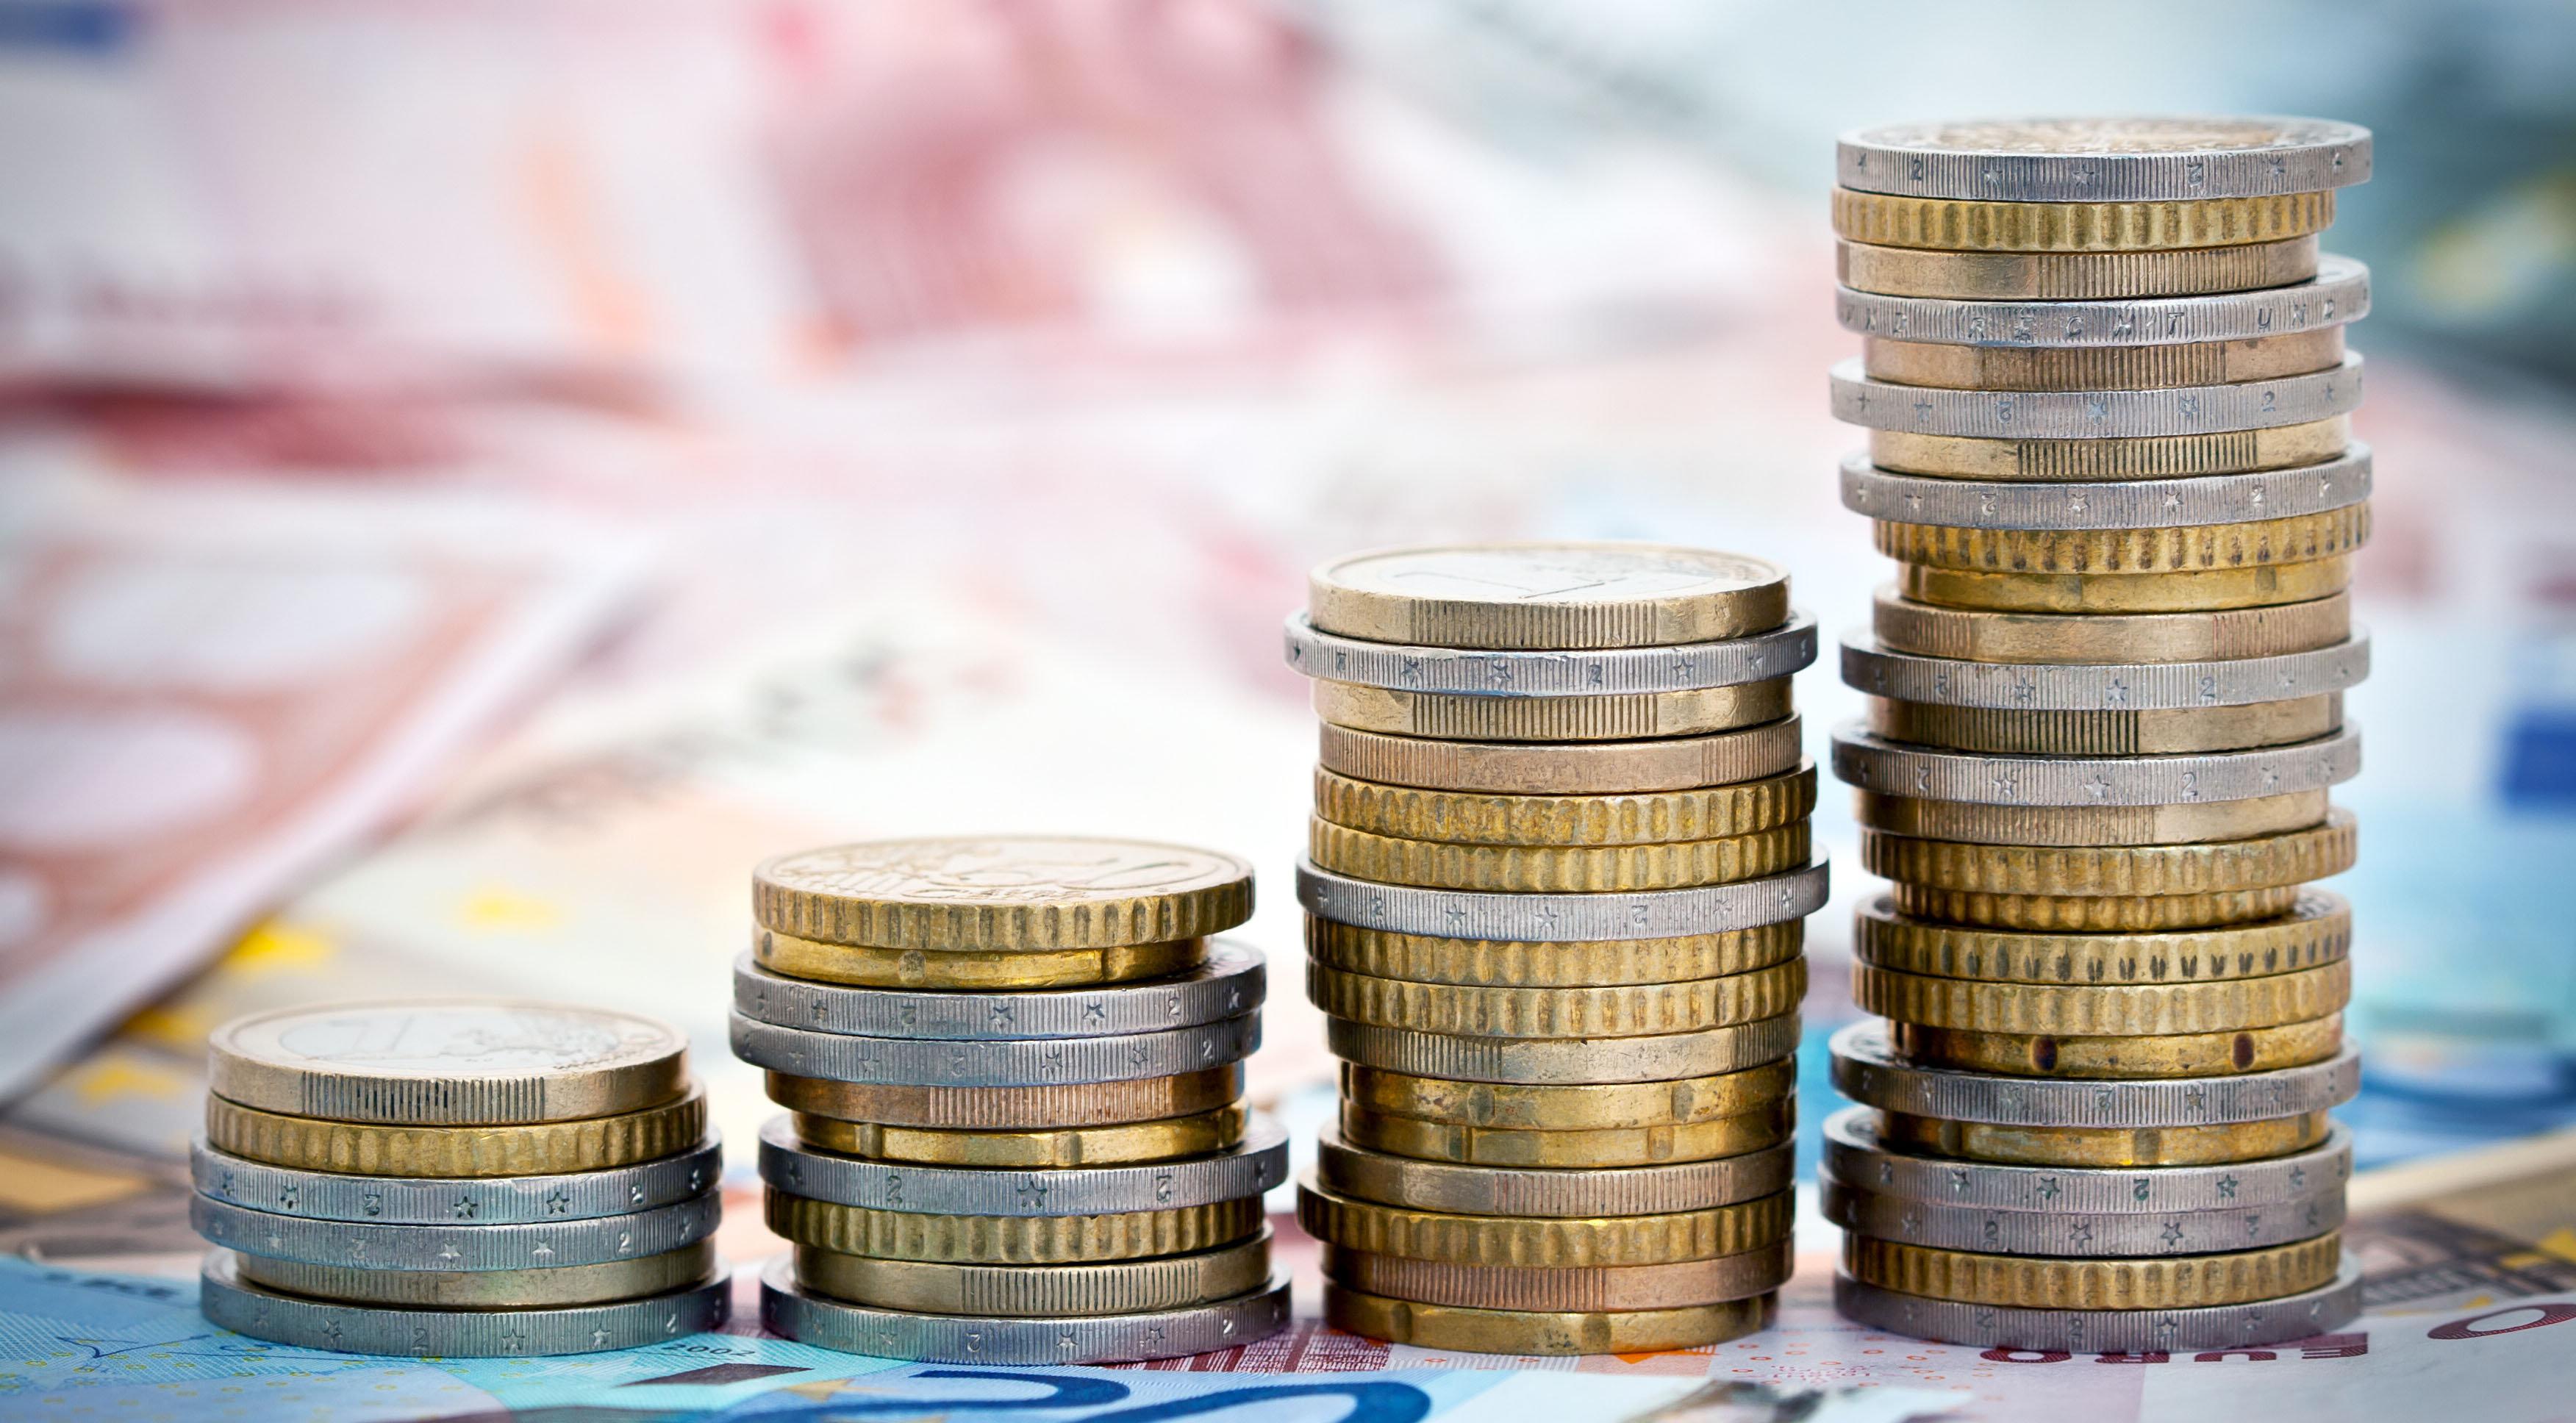 Ξεκάθαρη απαίτηση των δανειστών: Θέλουν 5,4 δισ. ευρώ από αποκρατικοποιήσεις